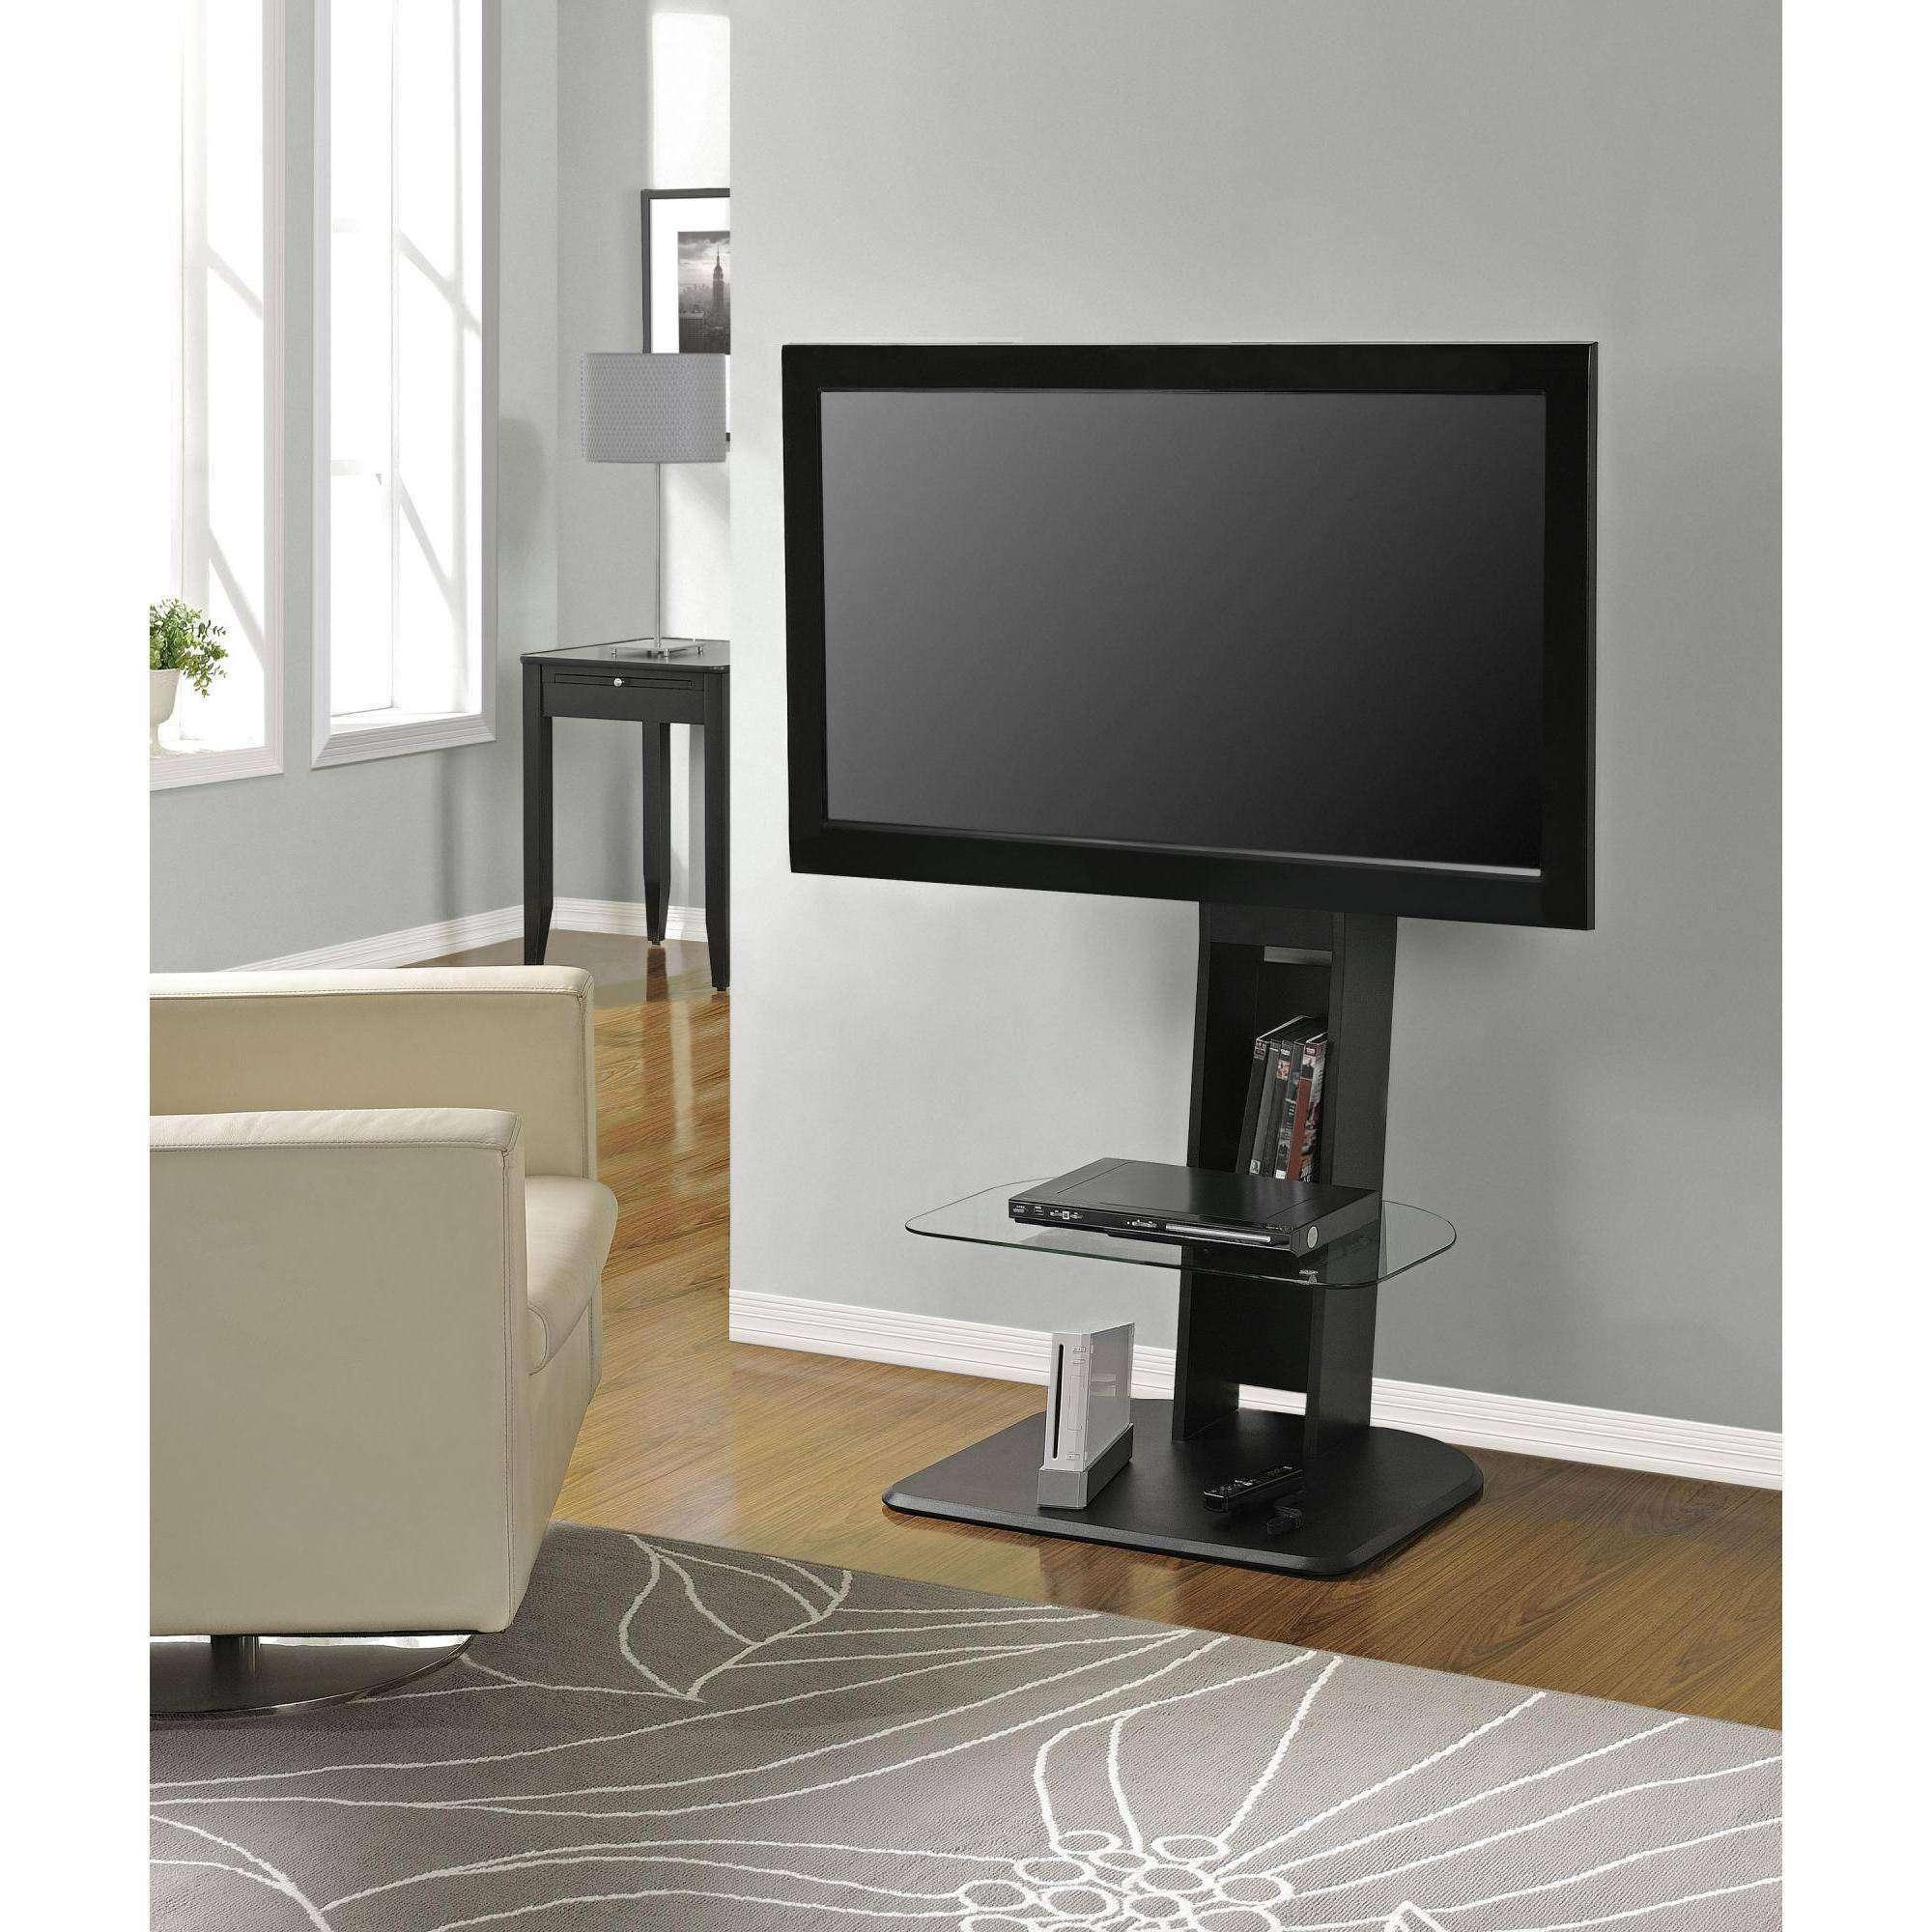 Long Tv Cabinet Furniture   Uv Furniture Inside Long Tv Cabinets Furniture (View 9 of 20)